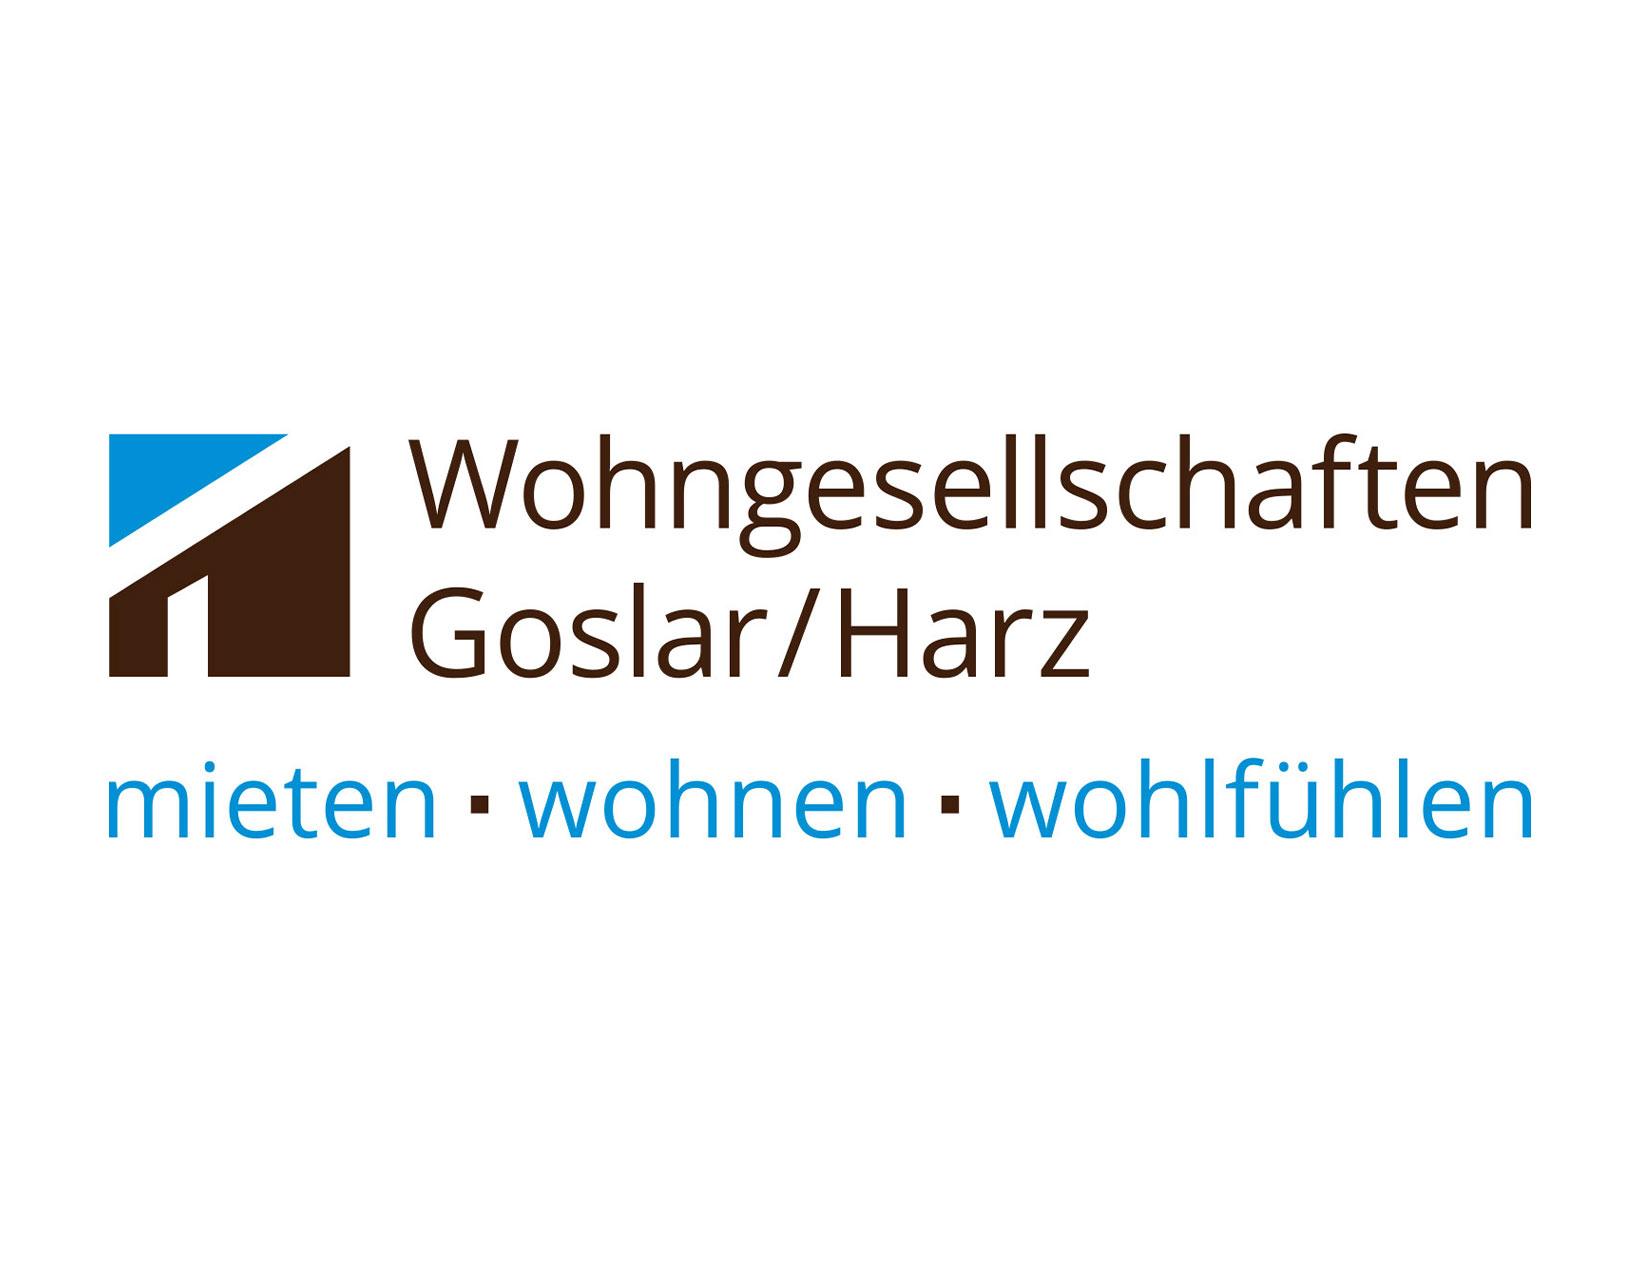 Logo und Corporate Design Wohngesellschaften Goslar/Harz